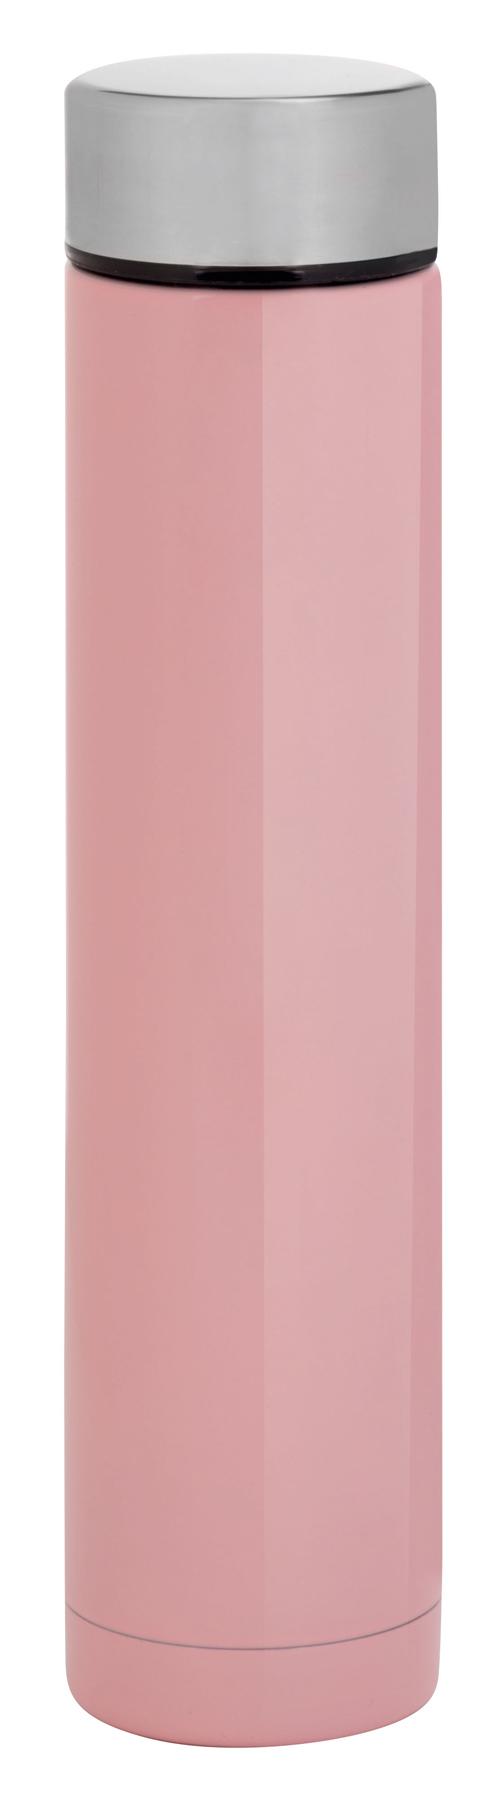 Termos SLIMLY, różowy